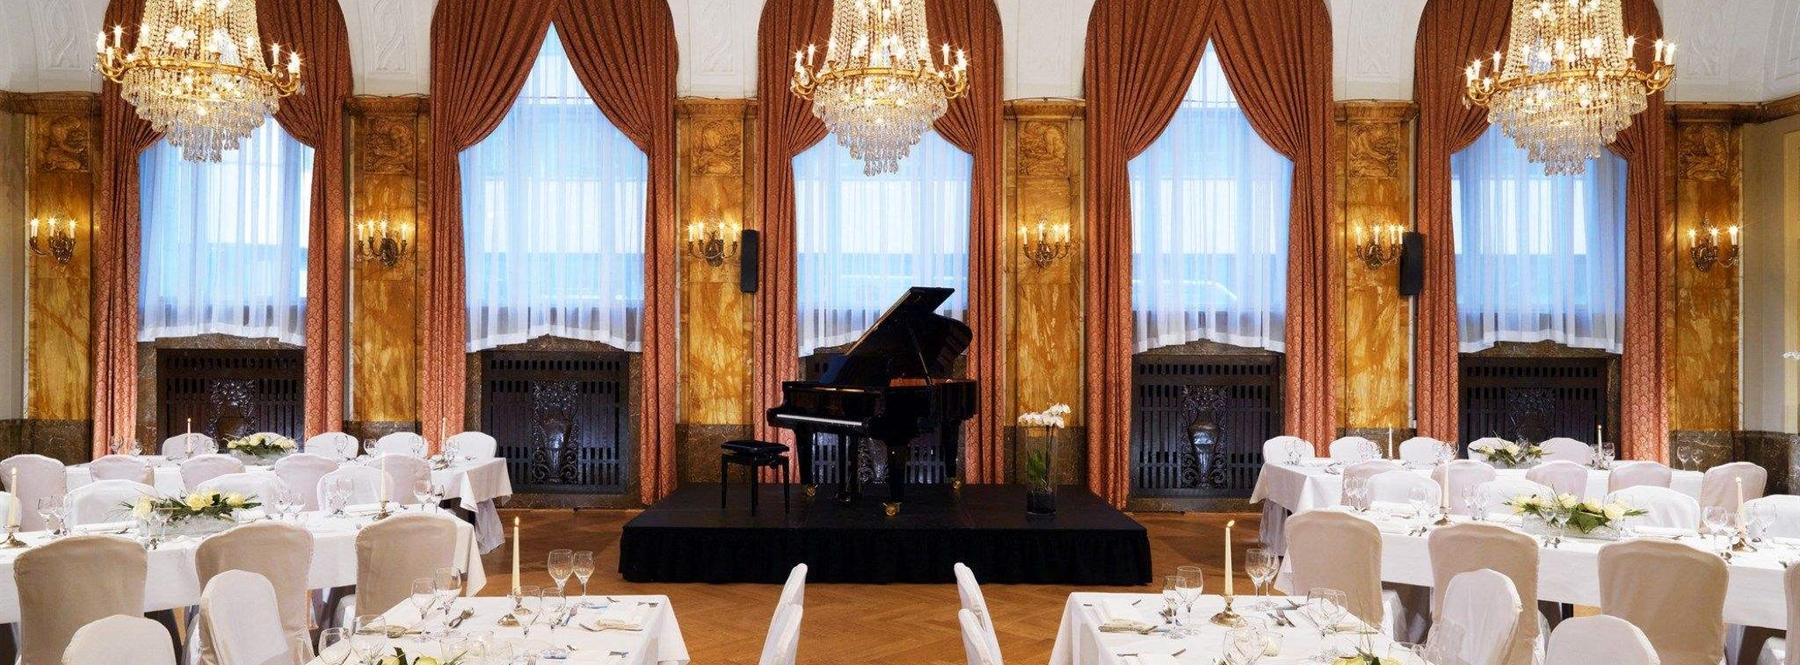 Restaurant Brasserie Restaurant Nuremberg